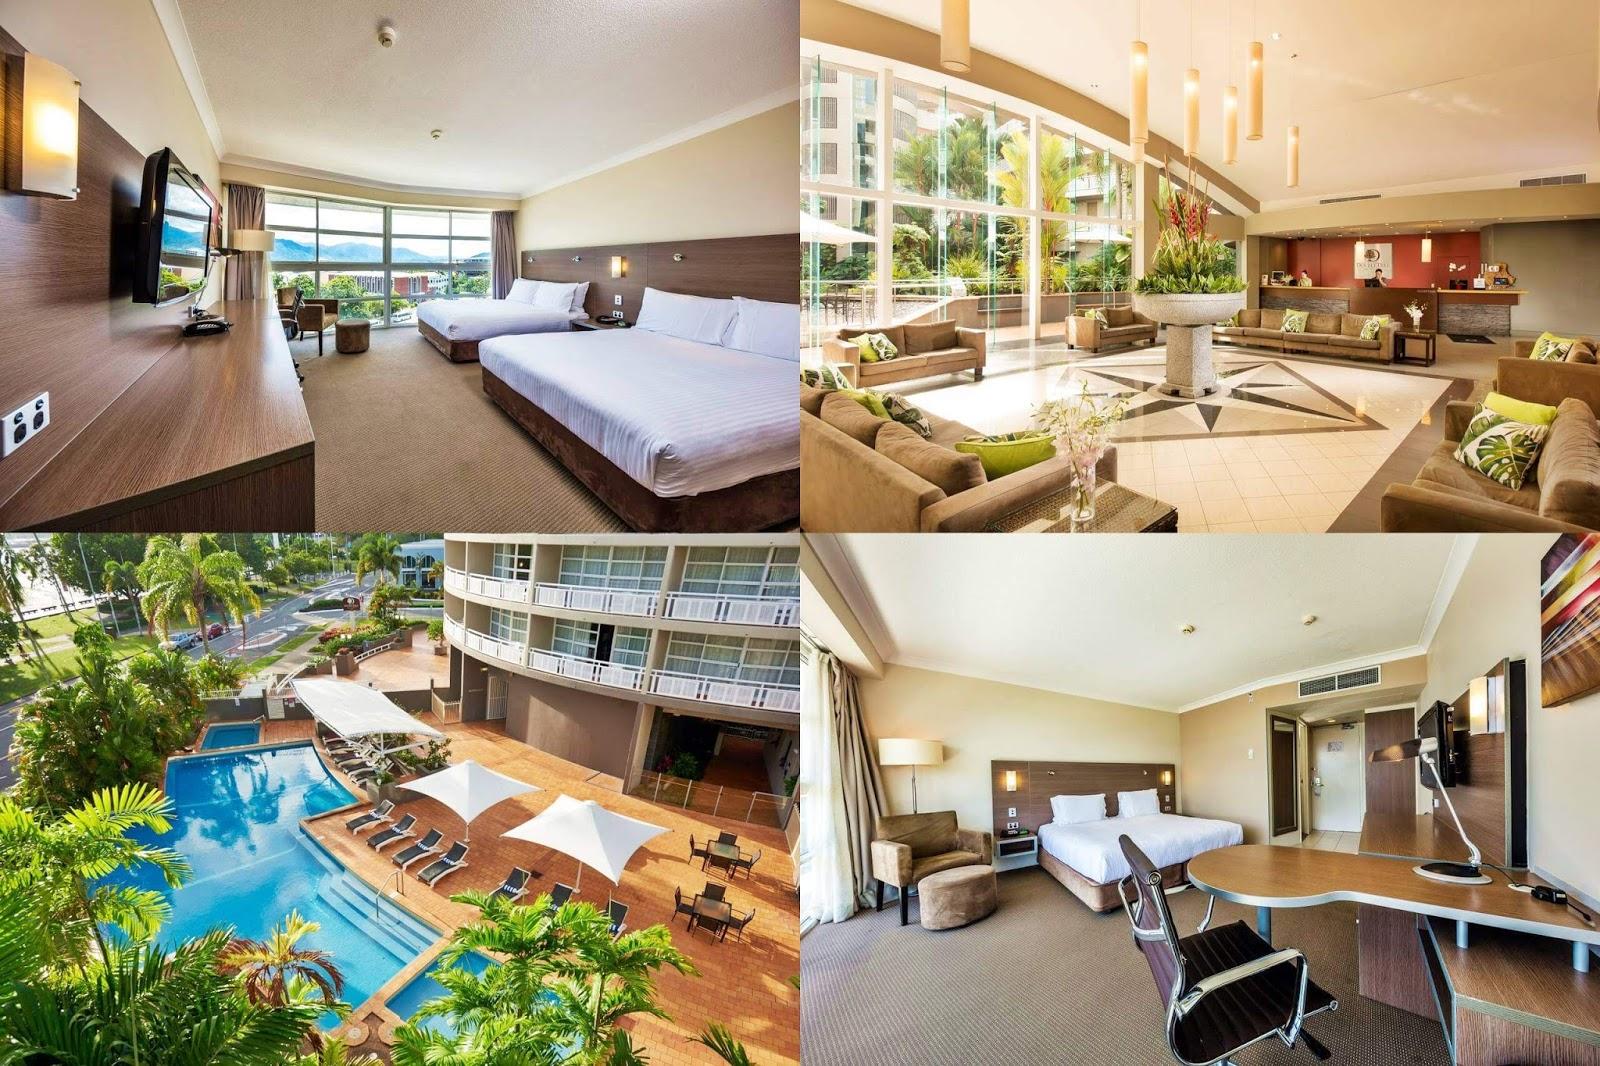 凱恩斯-住宿-推薦-希爾頓逸林-飯店-旅館-民宿-公寓-酒店-Cairns-DoubleTree-Hilton-Hotel